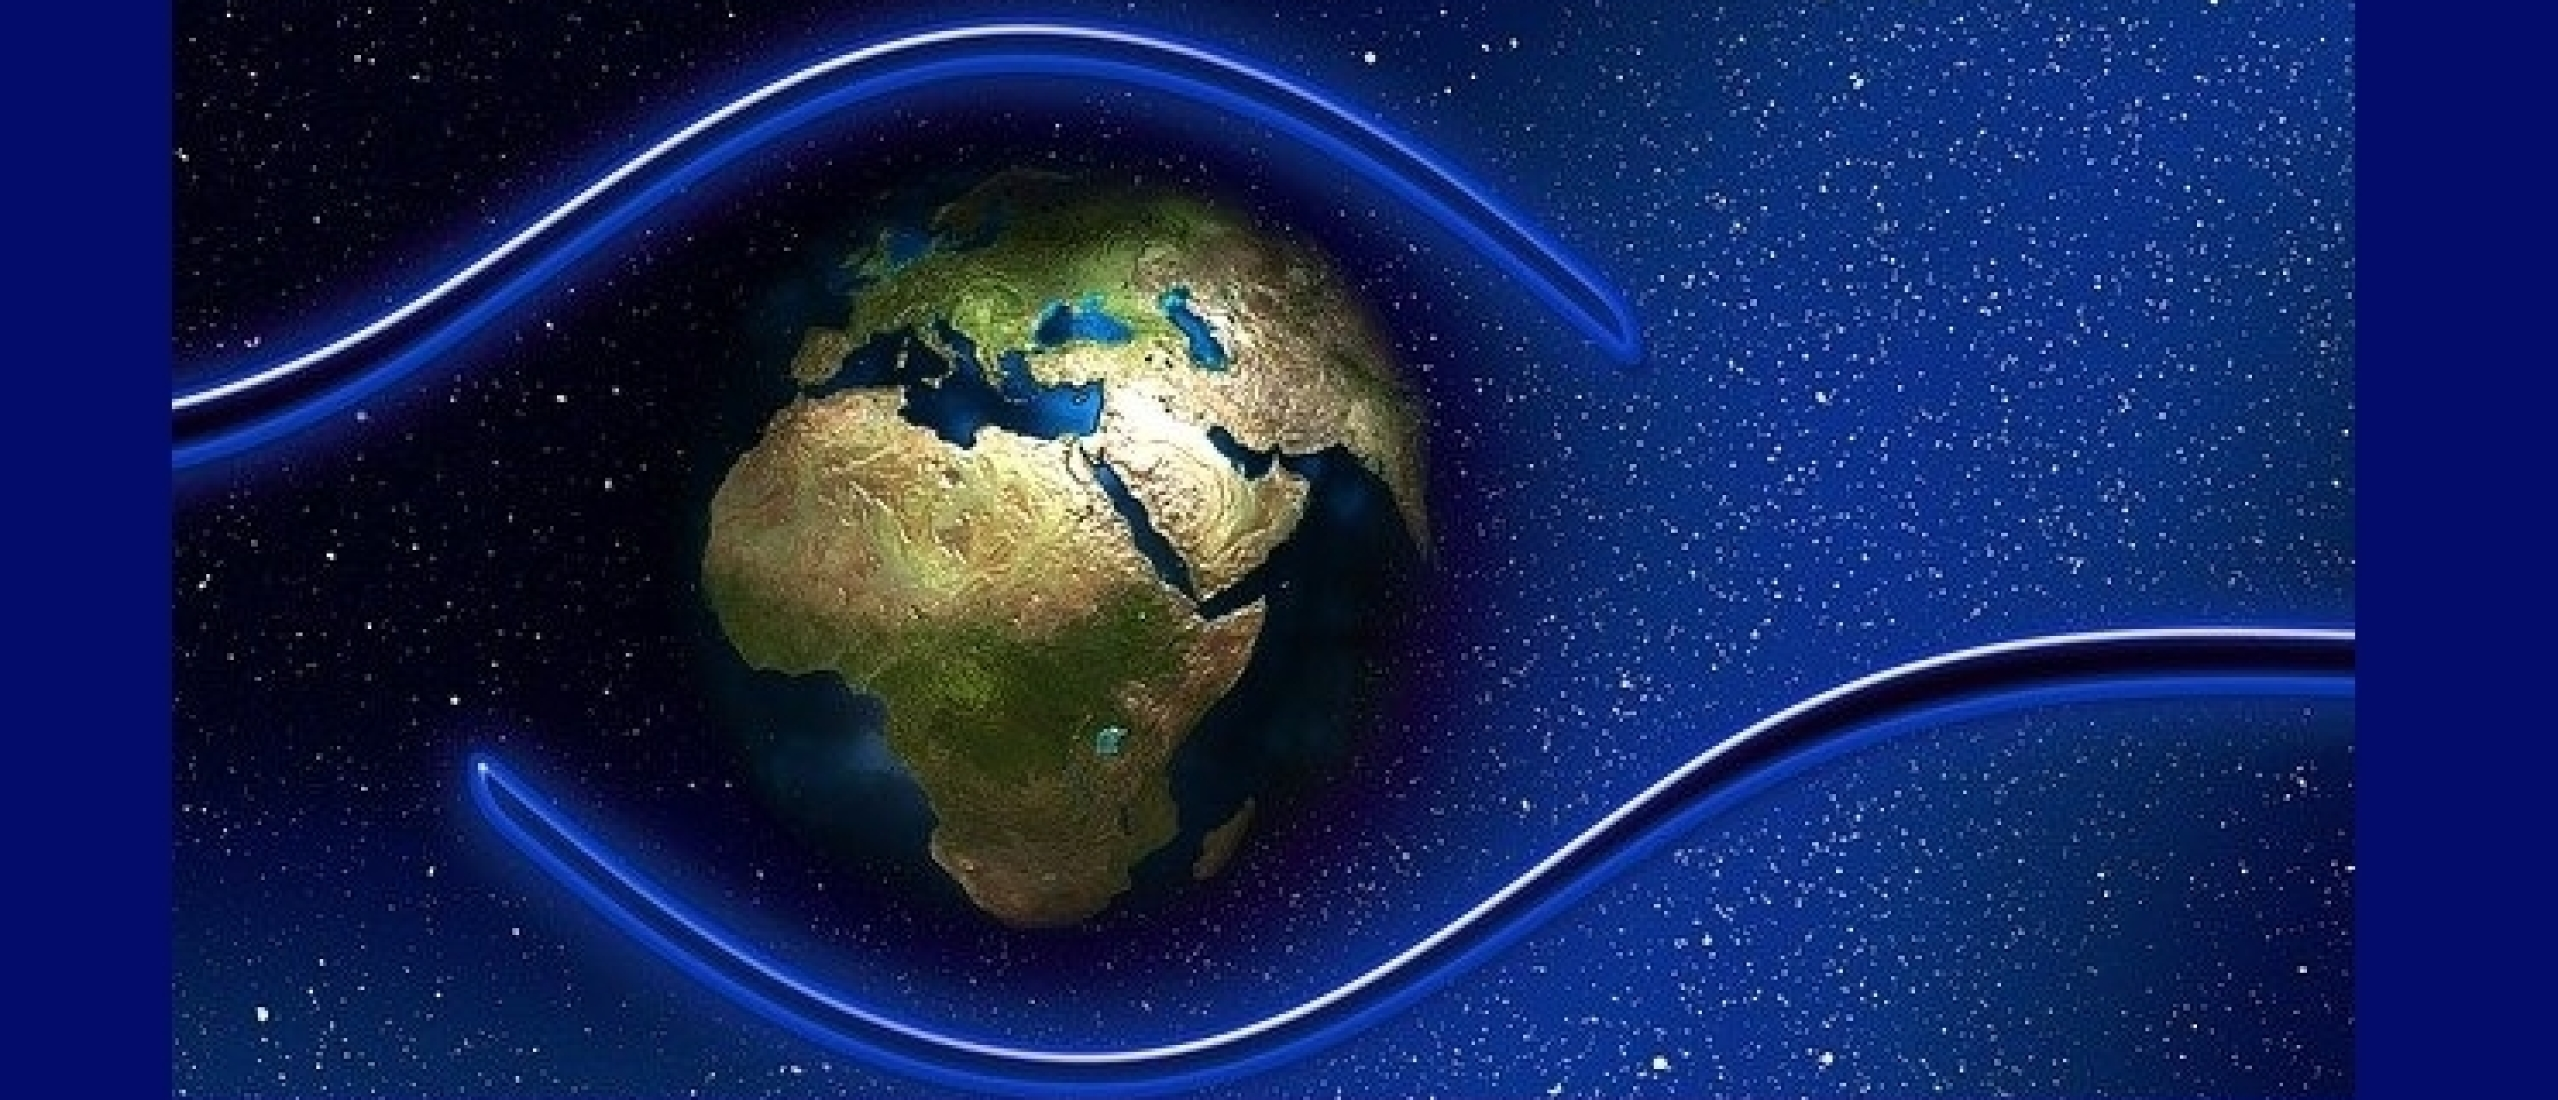 Duurzaamheid en circulariteit: valt daar wel aan te verdienen?